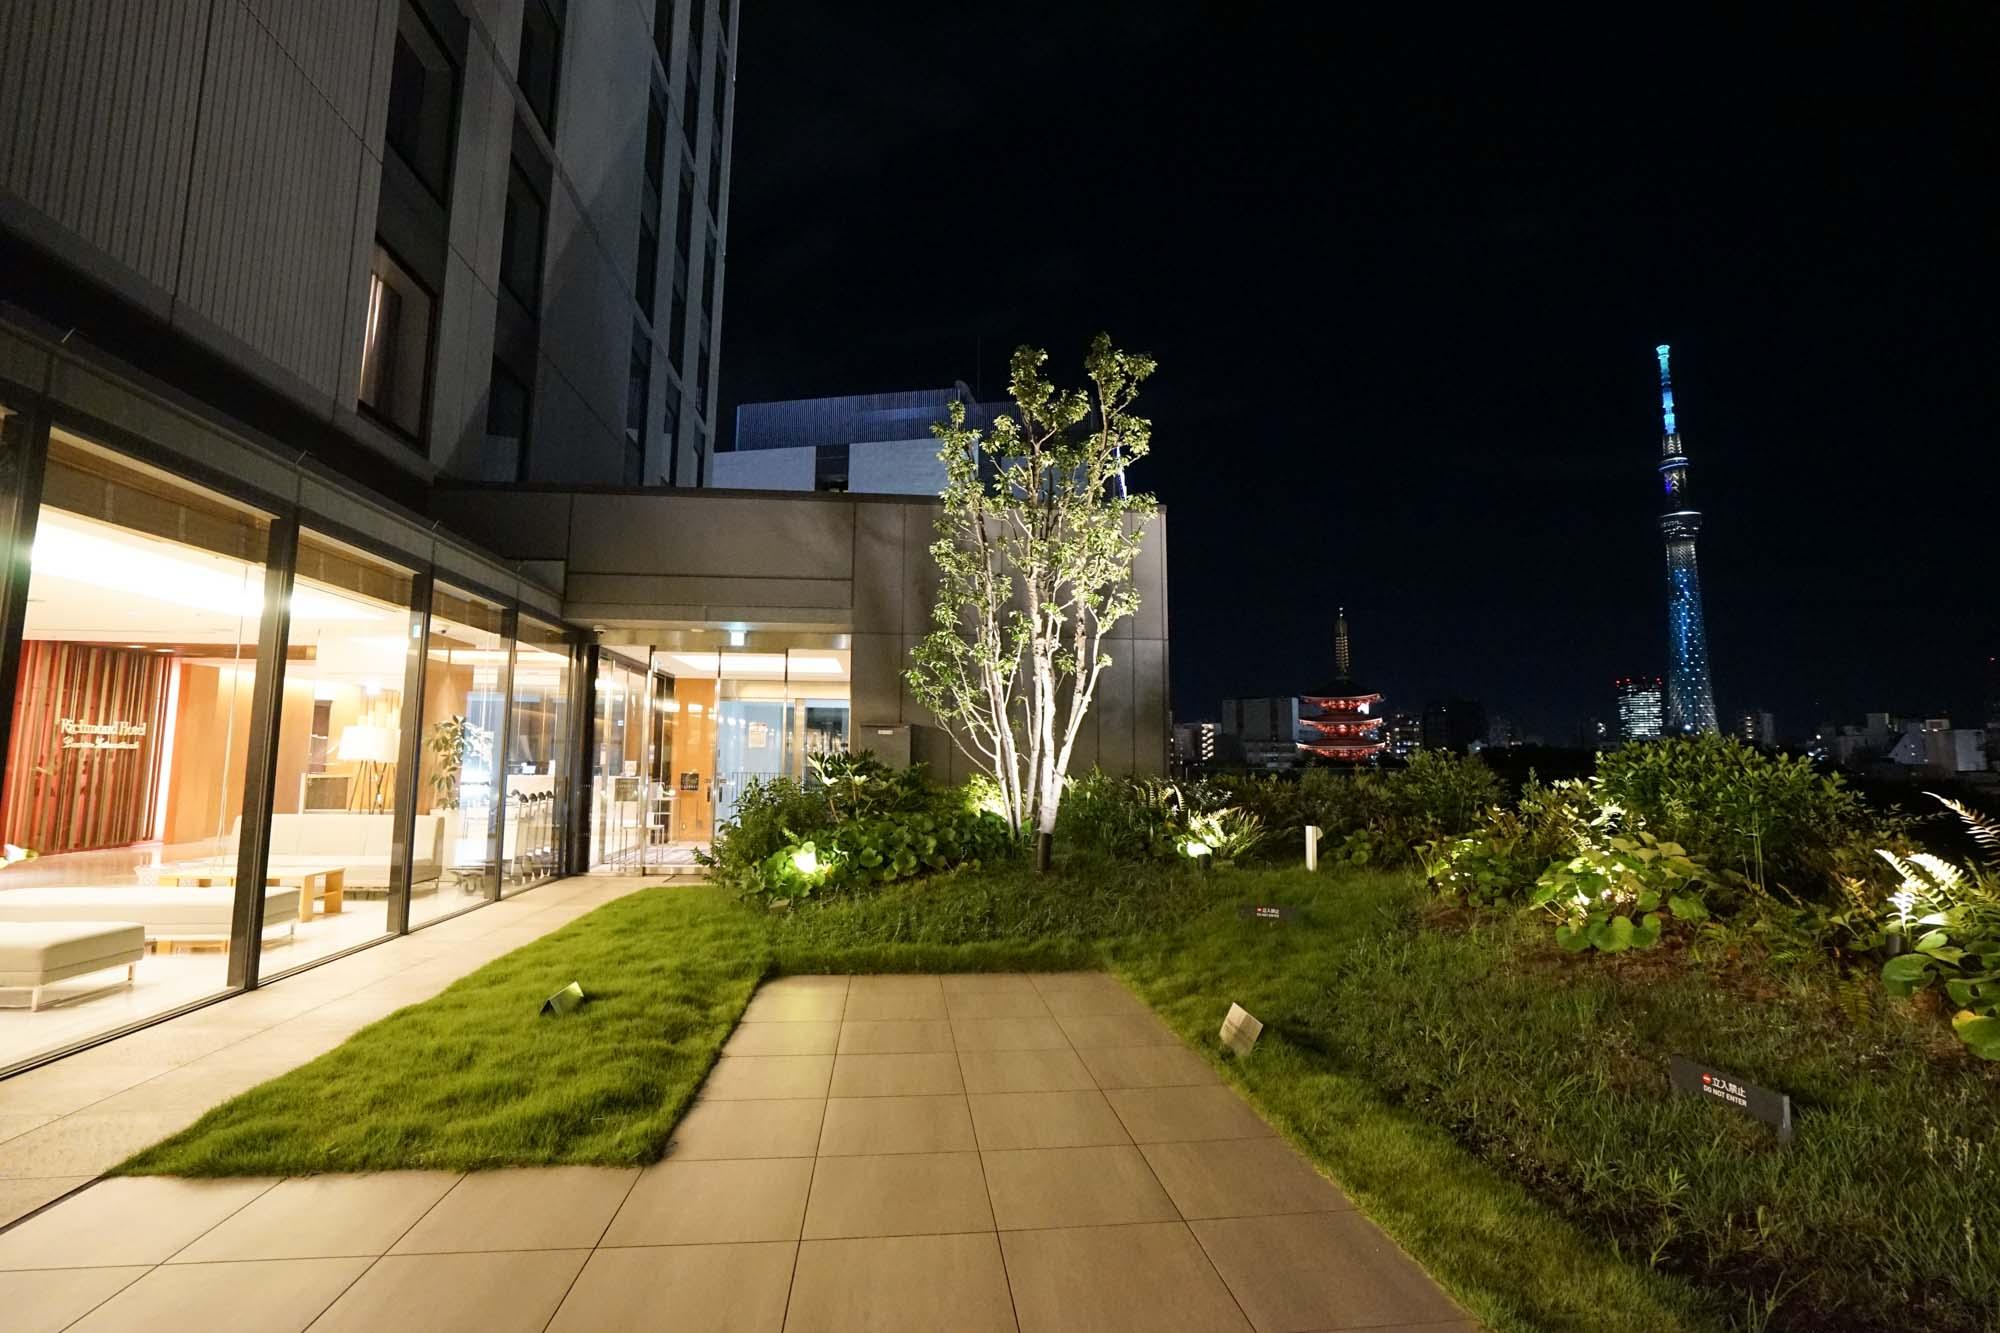 そして夜になったらテラスに出てみるのをお忘れなく。ここから眺める浅草の夜景はちょっと格別ですよ。